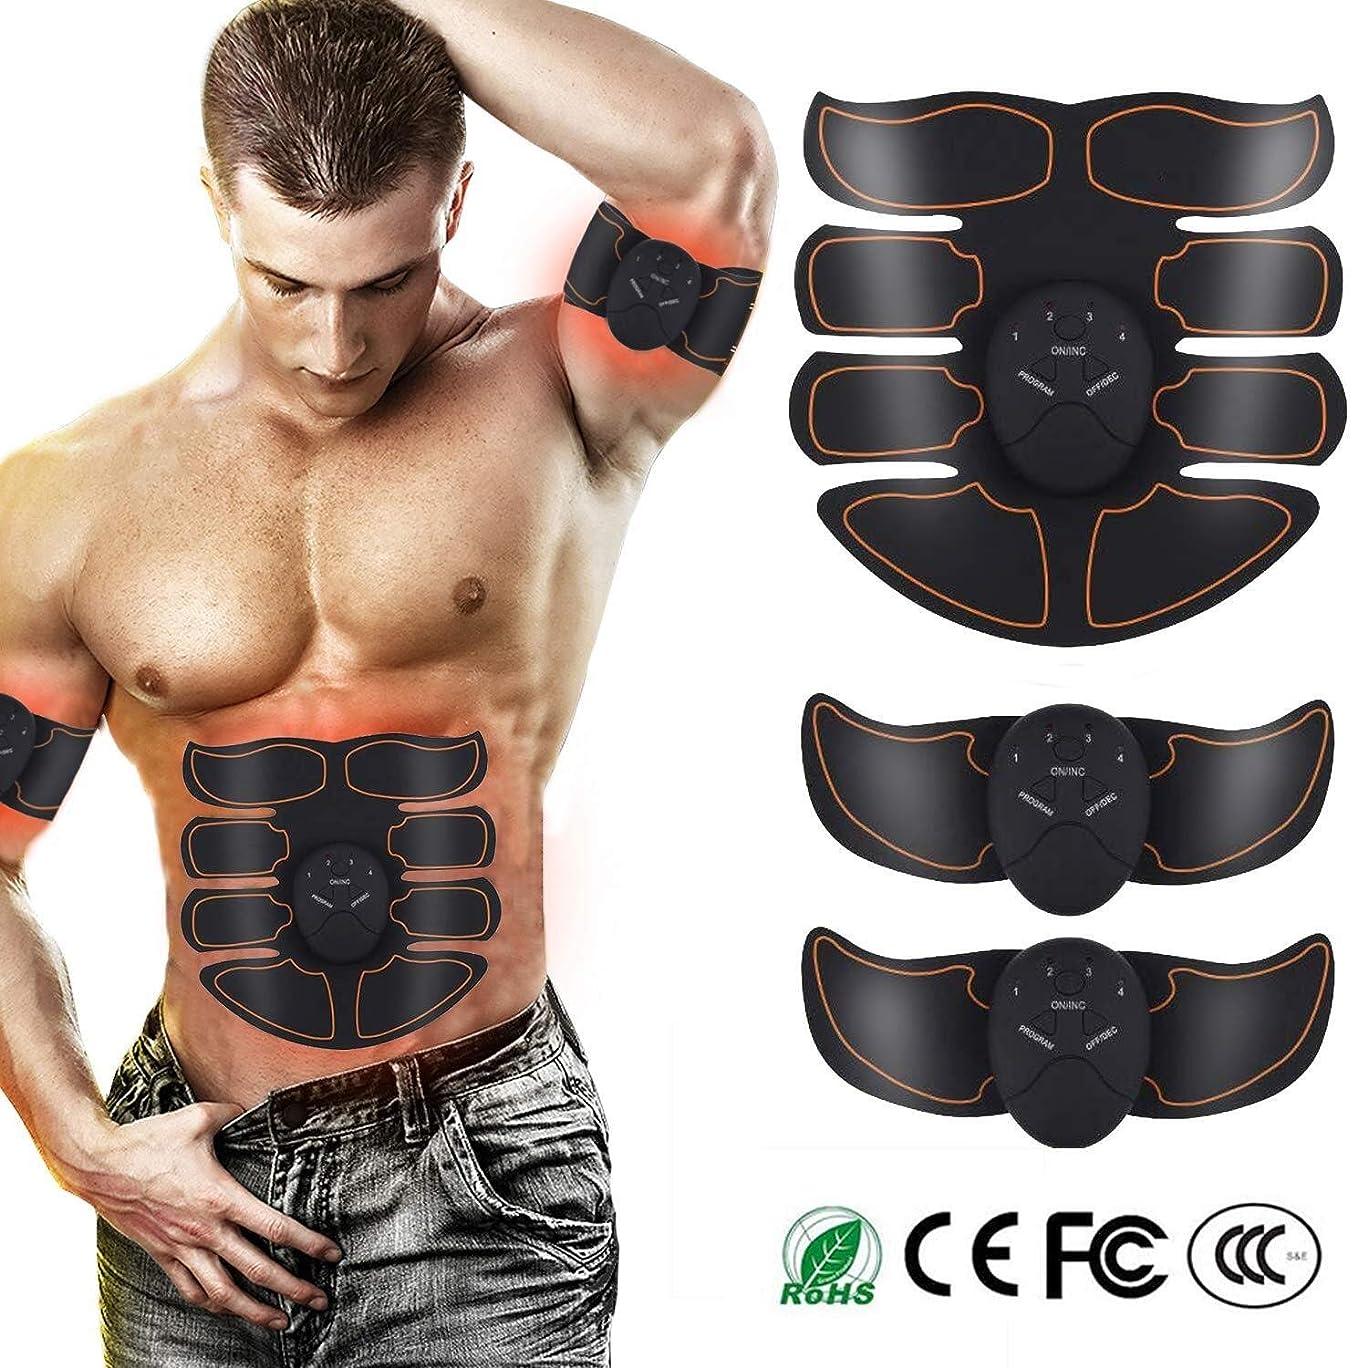 同僚工業用プレート腹筋トレーナー 筋肉刺激装置、 腹部調色ベルト、 腹部 マッスルトナー 6つのモード及び10のレベル強度 USB充電式 トレーニング機器、 に適し 体 いい結果になる 家に 事務所 ジム